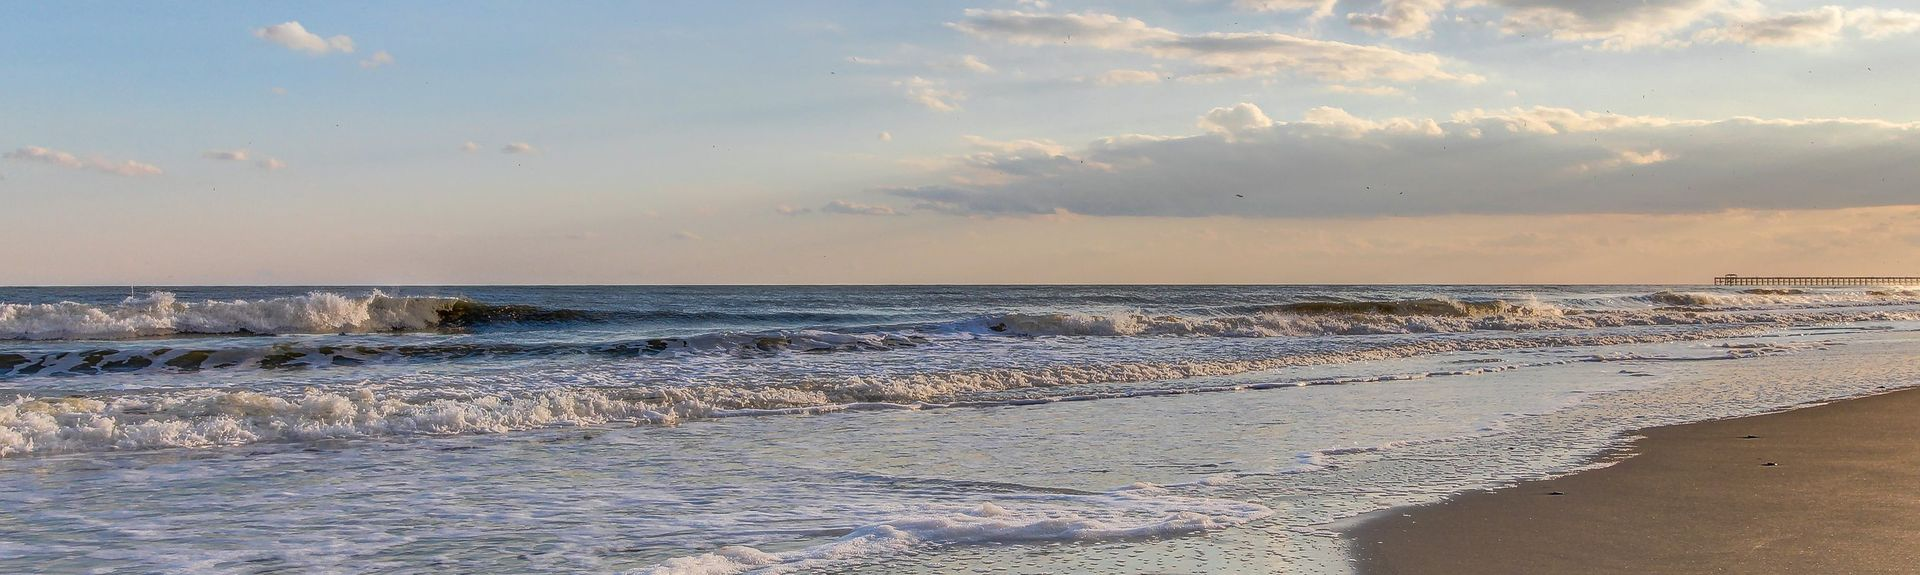 Arcadian Dunes (Myrtle Beach, Caroline du Sud, États-Unis d'Amérique)